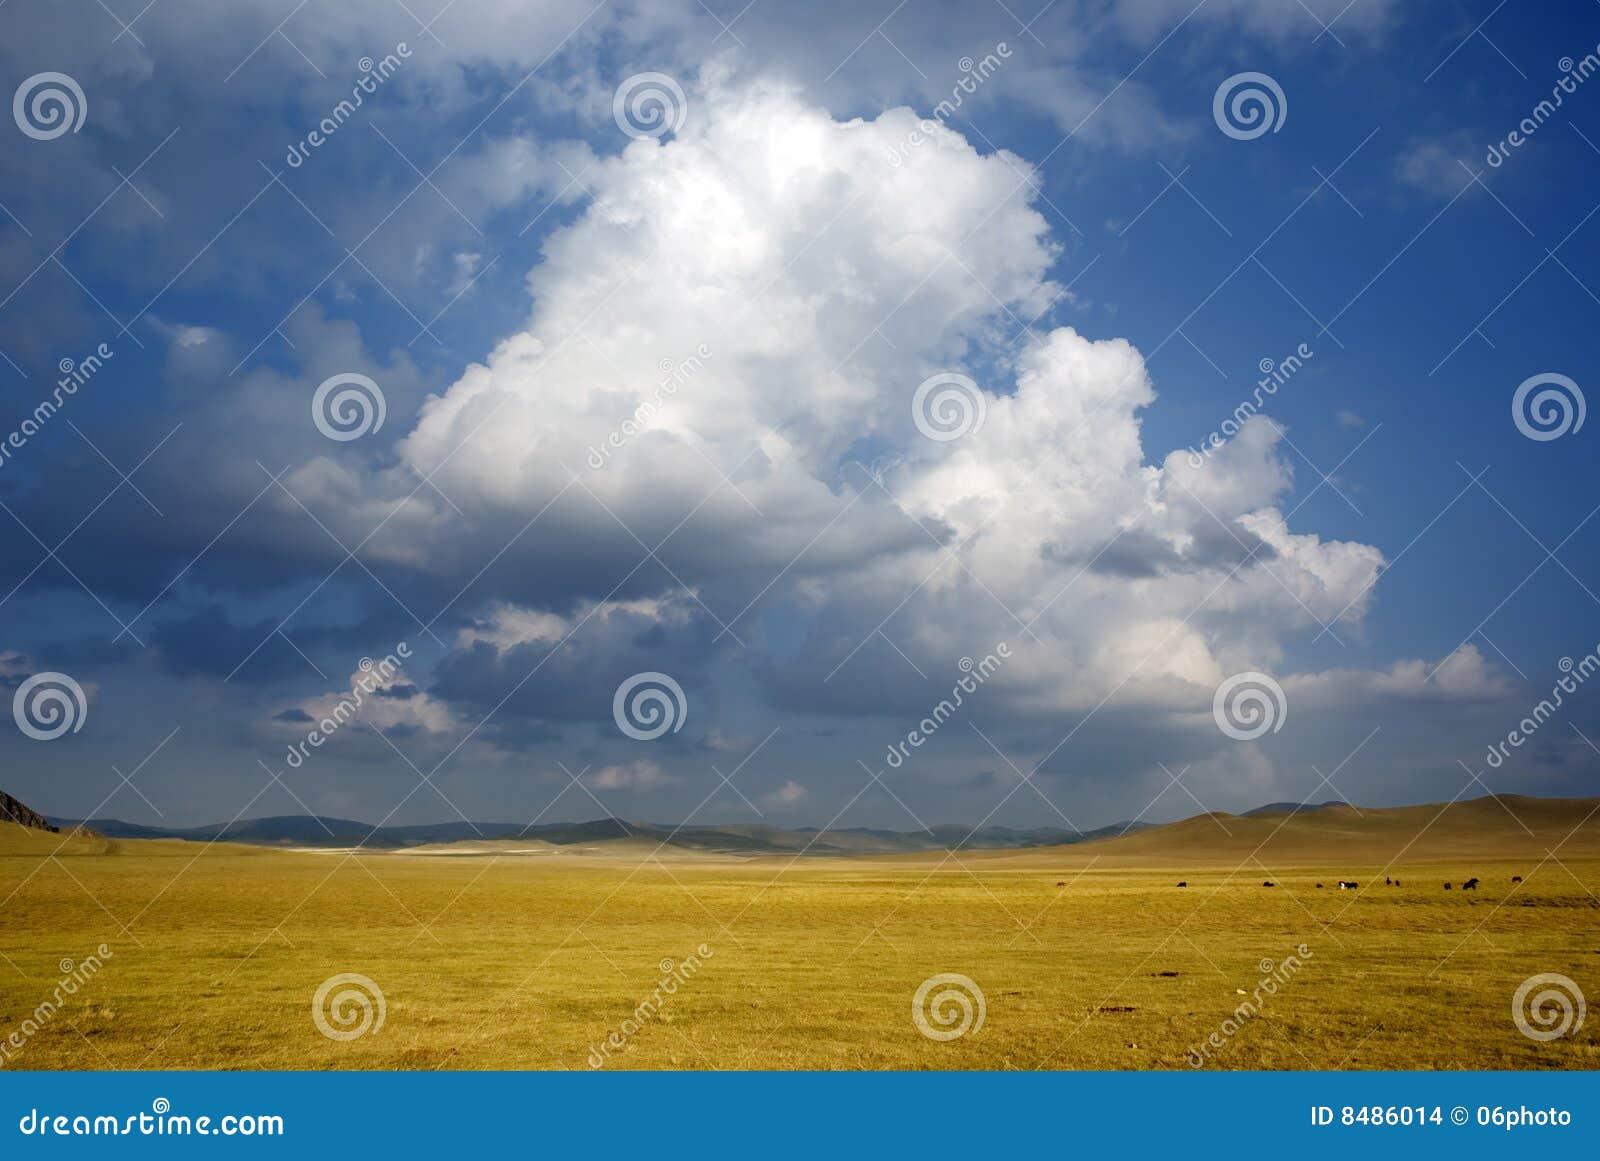 Ranch und Wolke